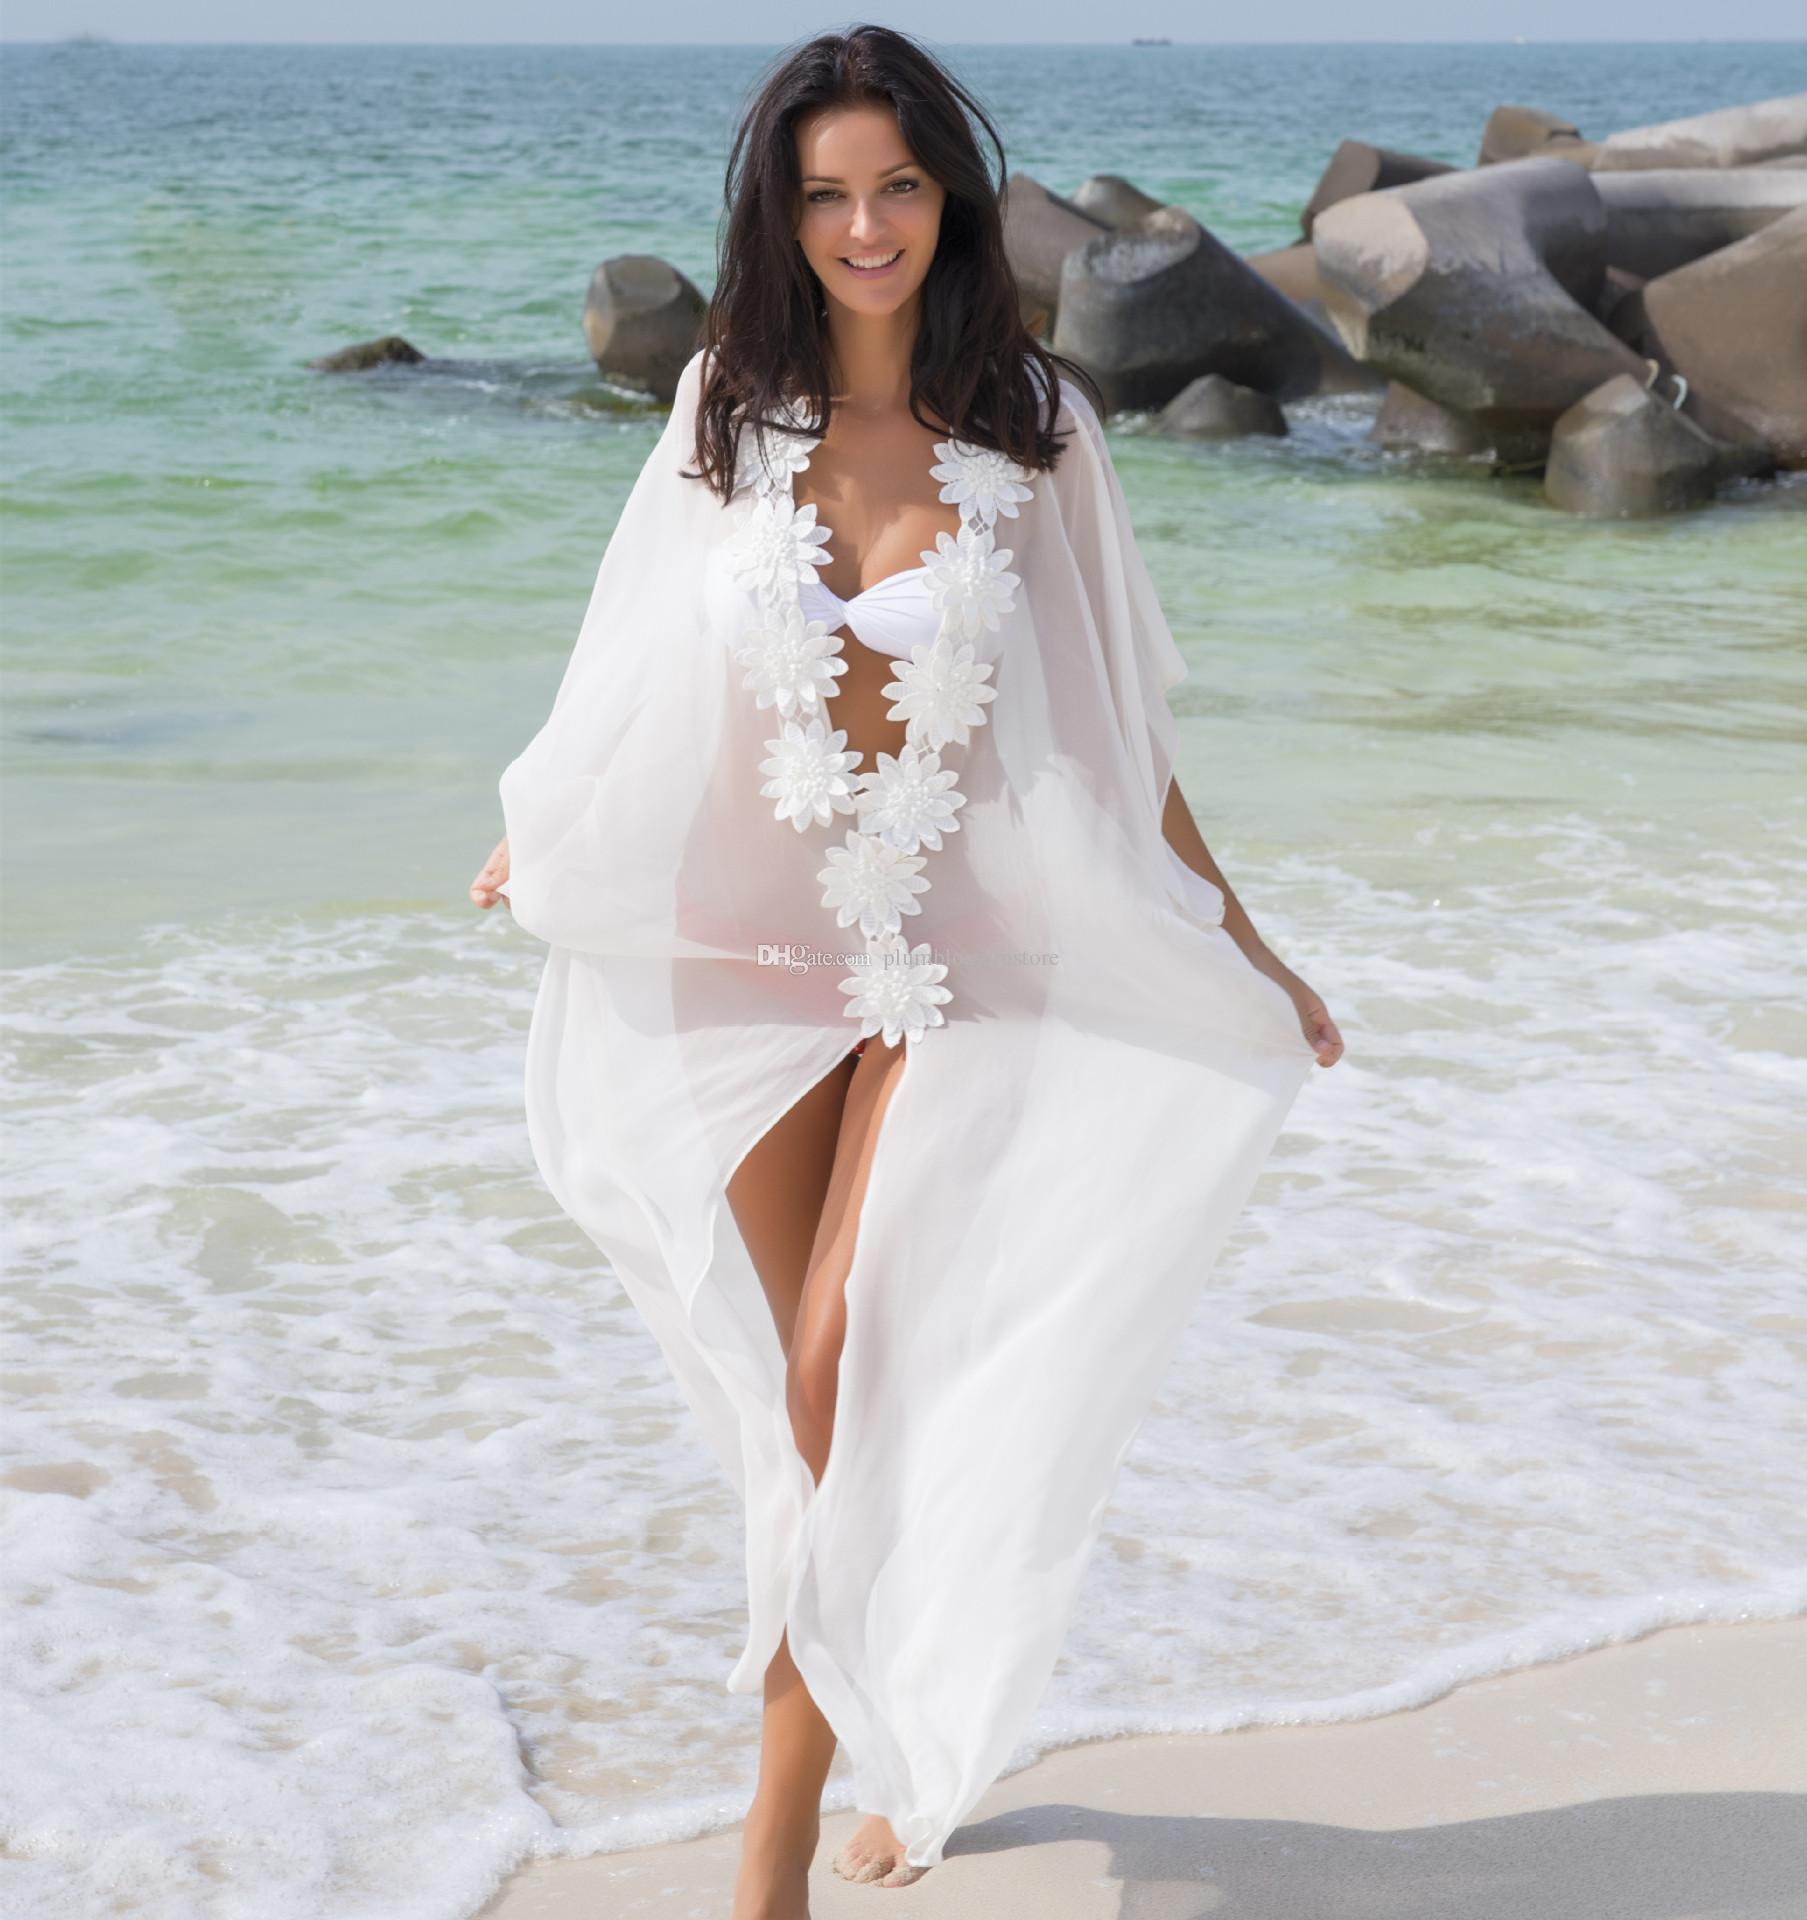 الشاطئ بيكيني غطاء المنبثقة الزهور البيضاء الشيفون ماكسي فستان الصيف الطويلة البلوزات والقمصان محض النساء واقية من الشمس ملابس السباحة بحر عطلة على شاطئ البحر